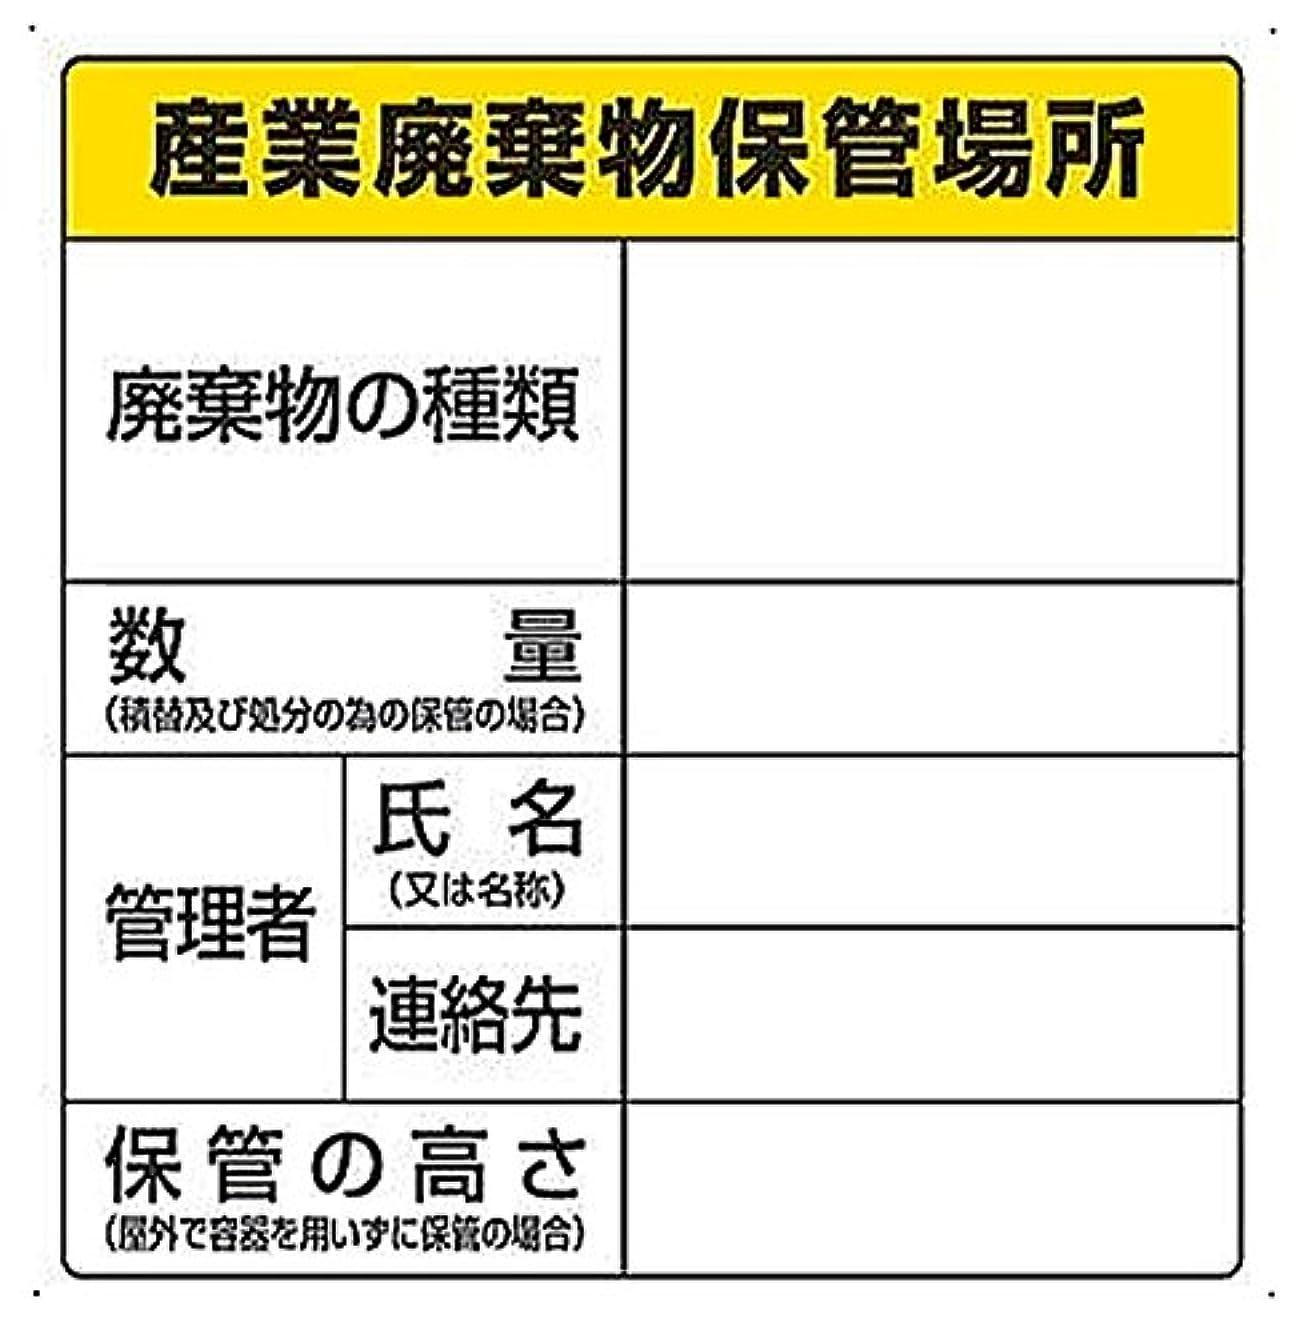 廃棄物分別標識 822-91 産業廃棄物保管場所 60X60cm